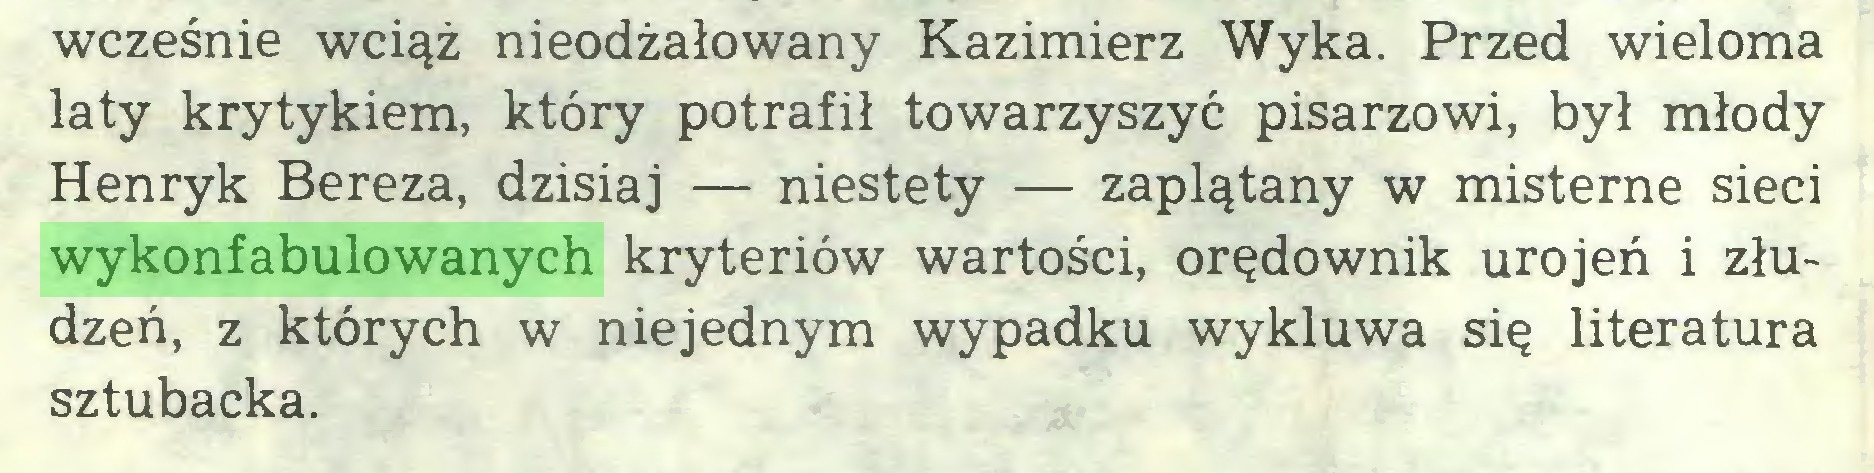 (...) wcześnie wciąż nieodżałowany Kazimierz Wyka. Przed wieloma laty krytykiem, który potrafił towarzyszyć pisarzowi, był młody Henryk Bereza, dzisiaj — niestety — zaplątany w misterne sieci wykonfabulowanych kryteriów wartości, orędownik urojeń i złudzeń, z których w niejednym wypadku wykluwa się literatura sztubacka...